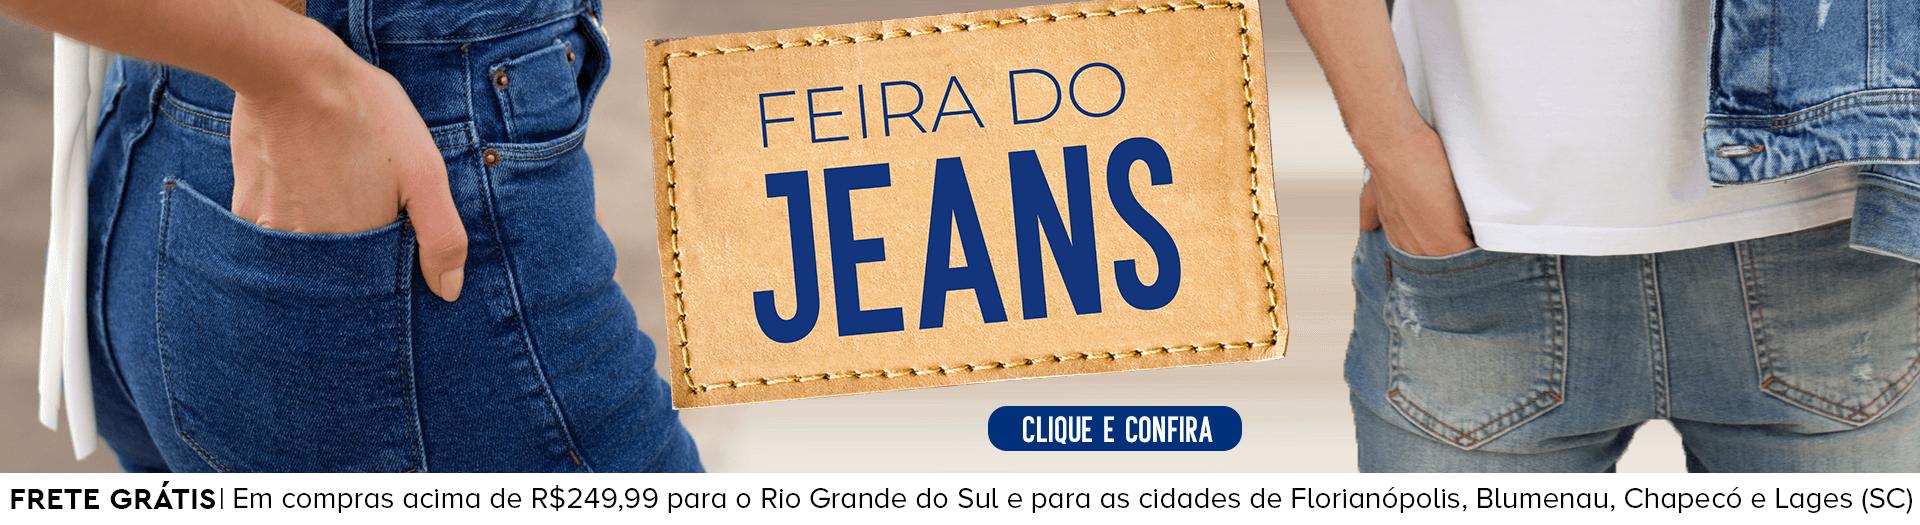 Feira do Jeans